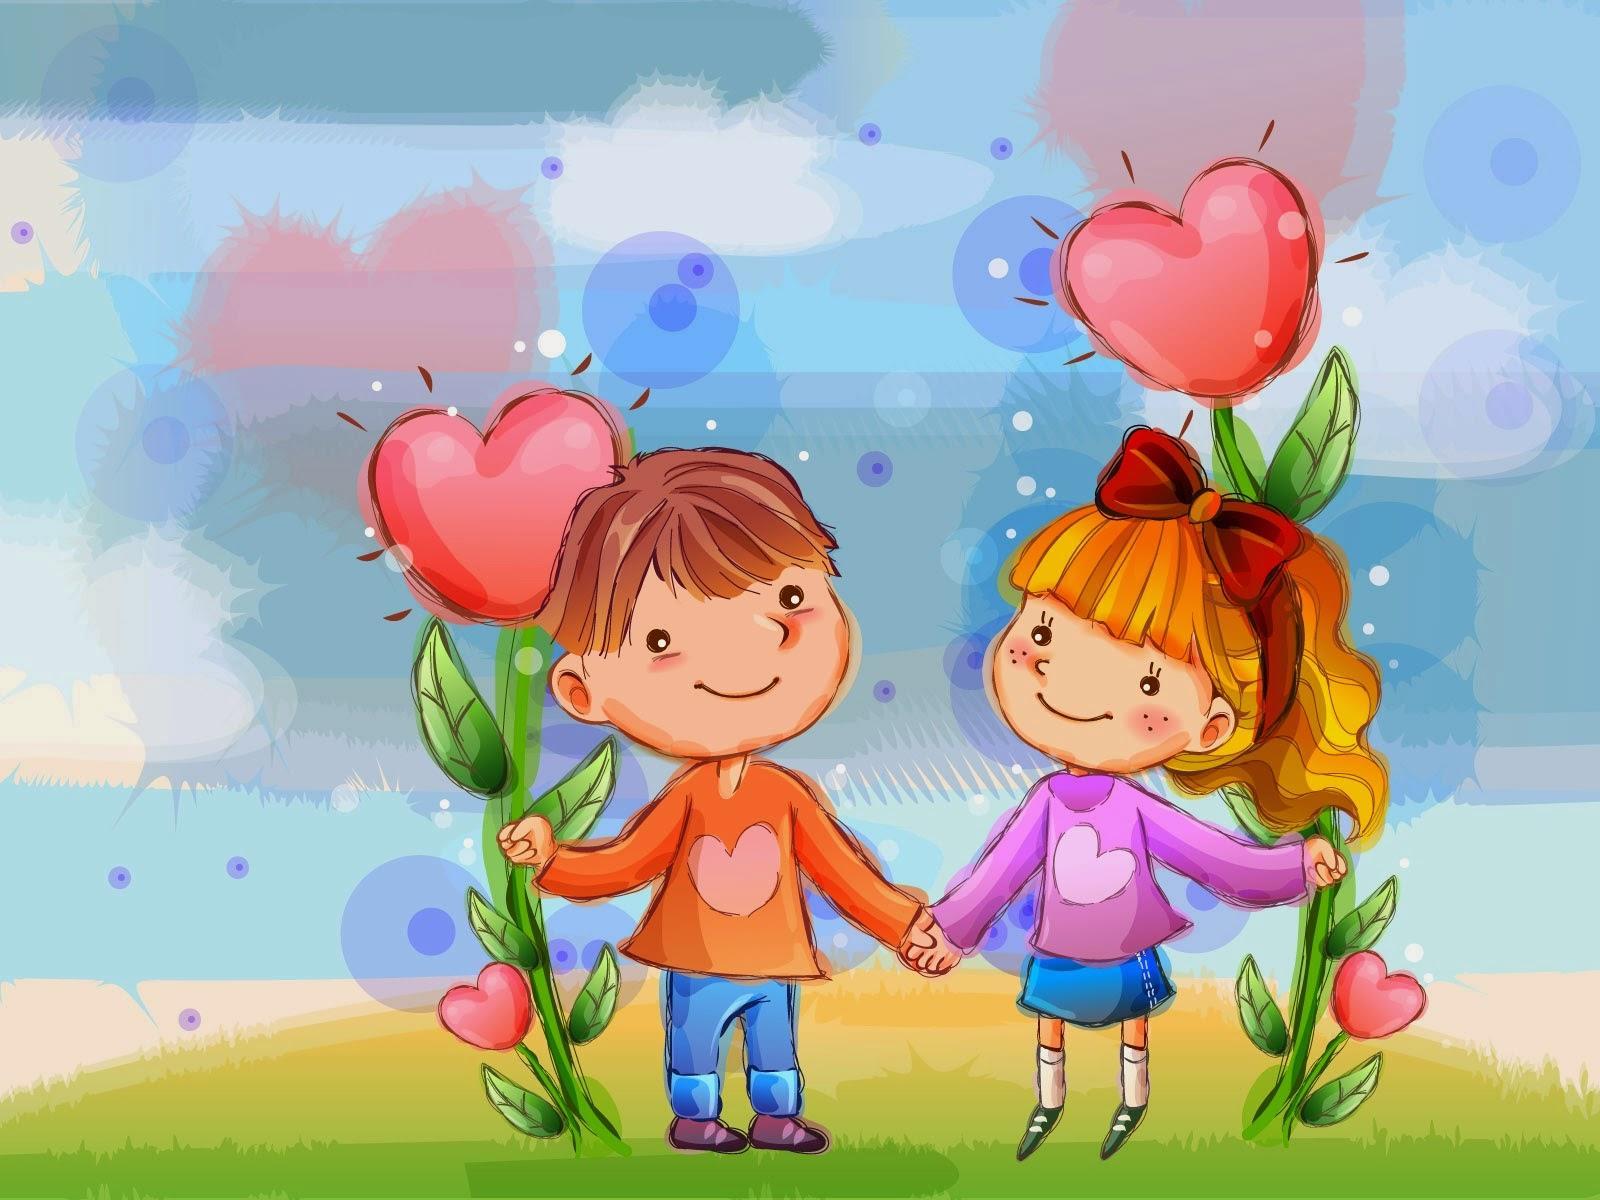 Картинки к саду нашей дружбы